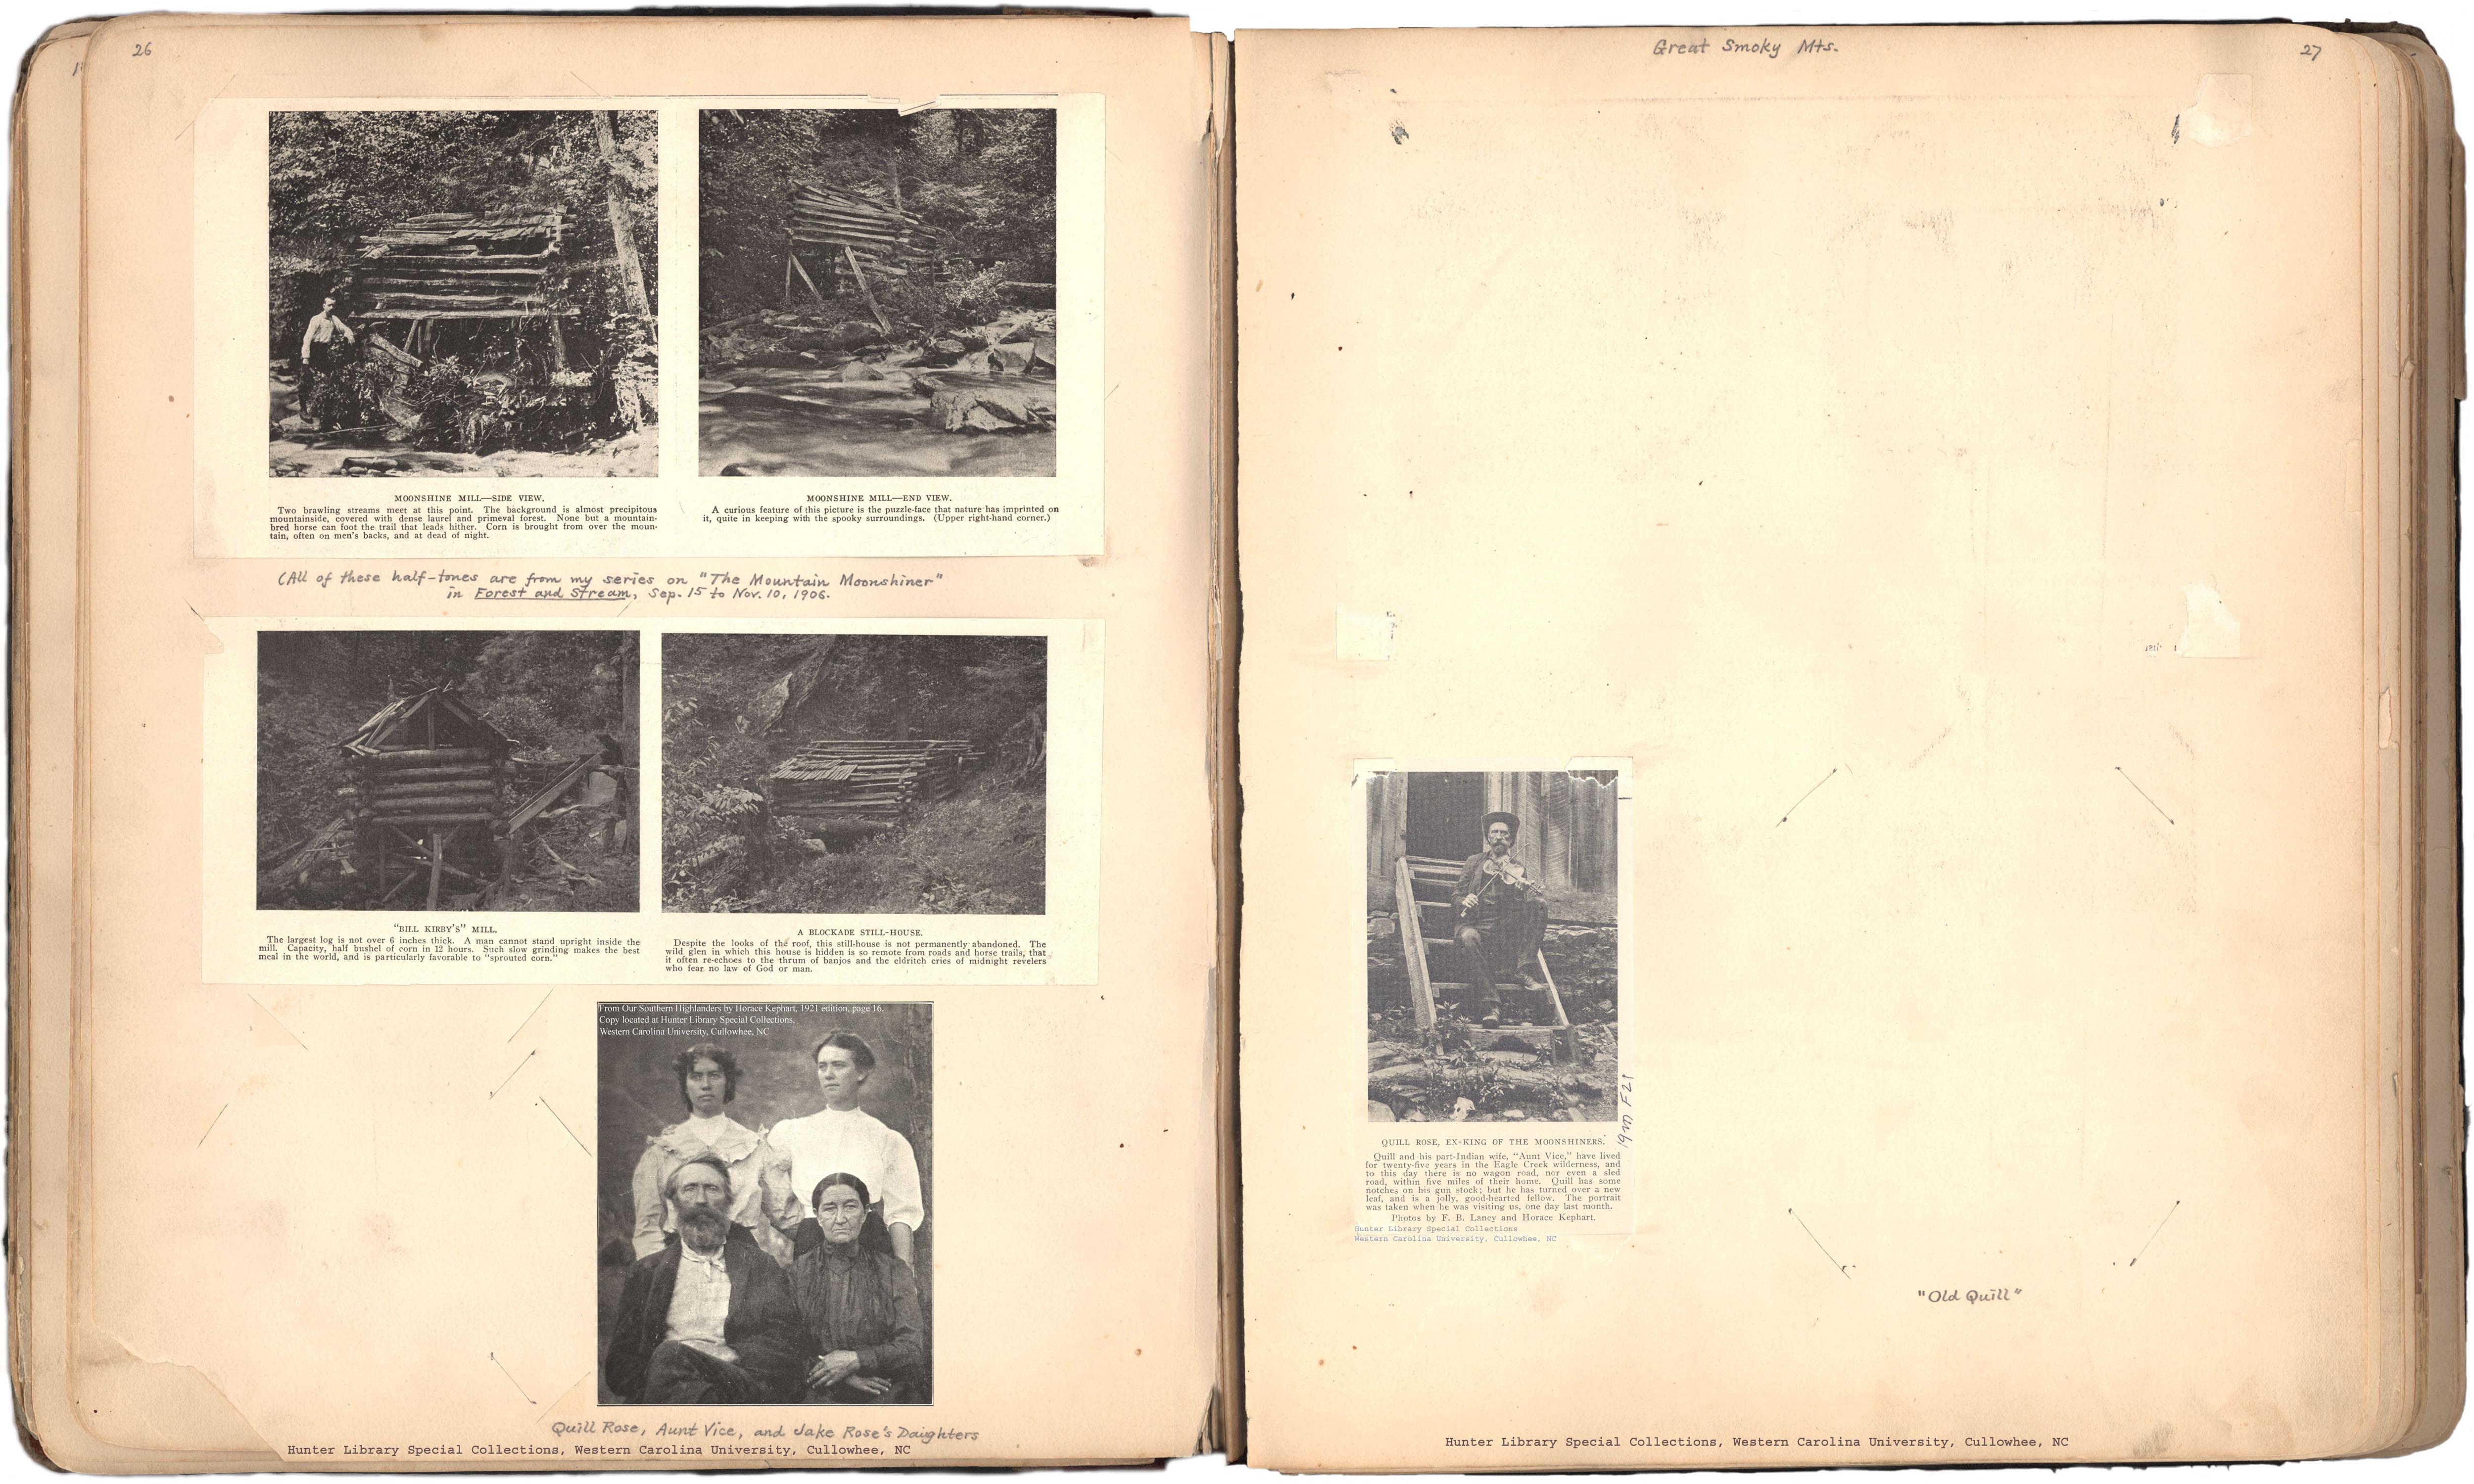 Horace Kephart Revealing An Enigma